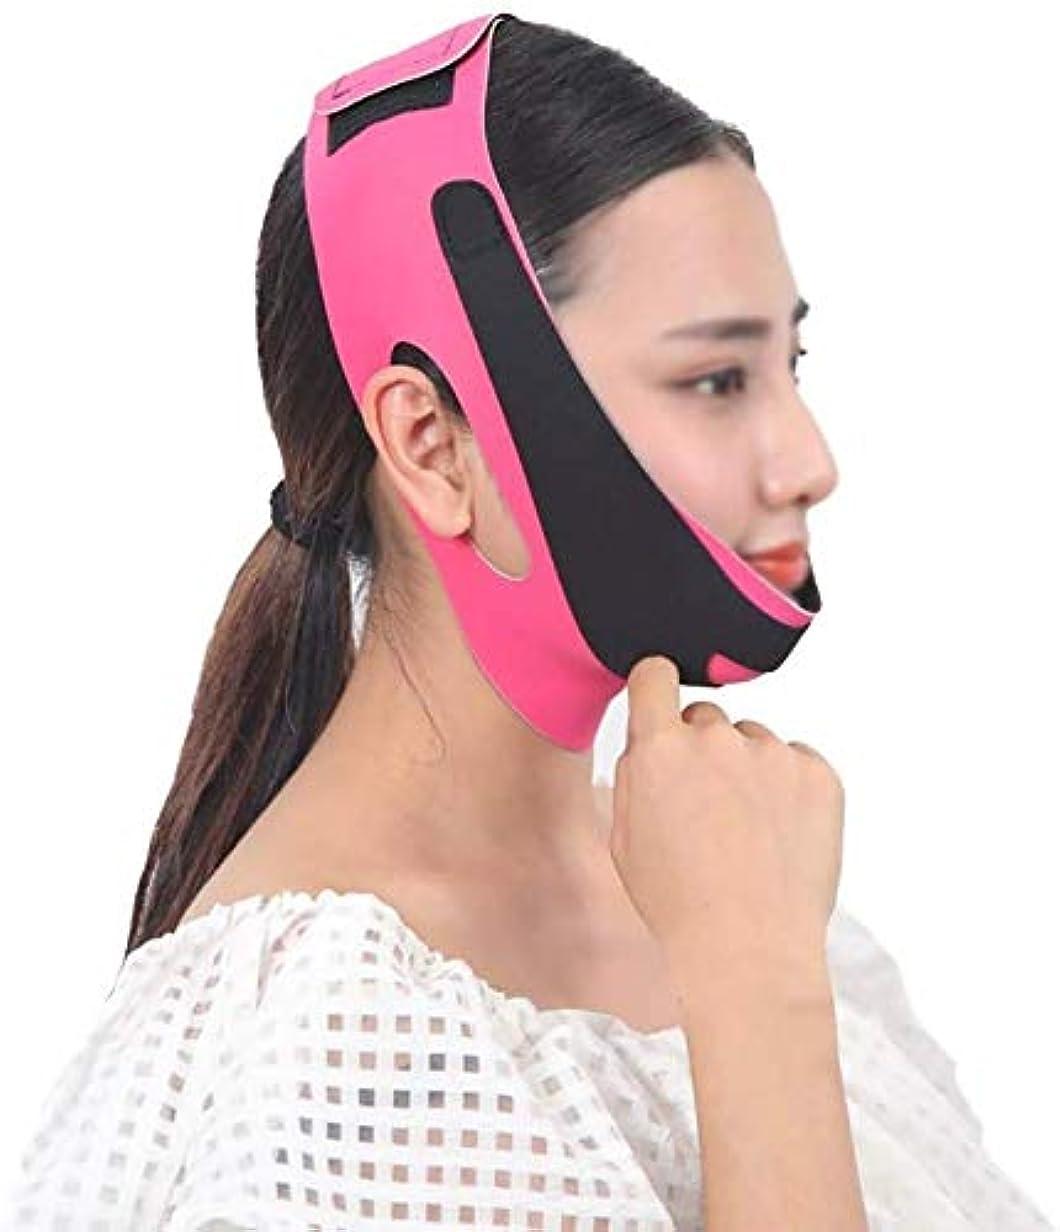 パドル必要ない魔女美容と実用的なフェイスアンドネックリフト術後弾性フェイスマスク小さなV顔アーティファクト薄い顔包帯アーティファクトV顔ぶら下げ耳リフティング引き締め薄い顔アーティファクト